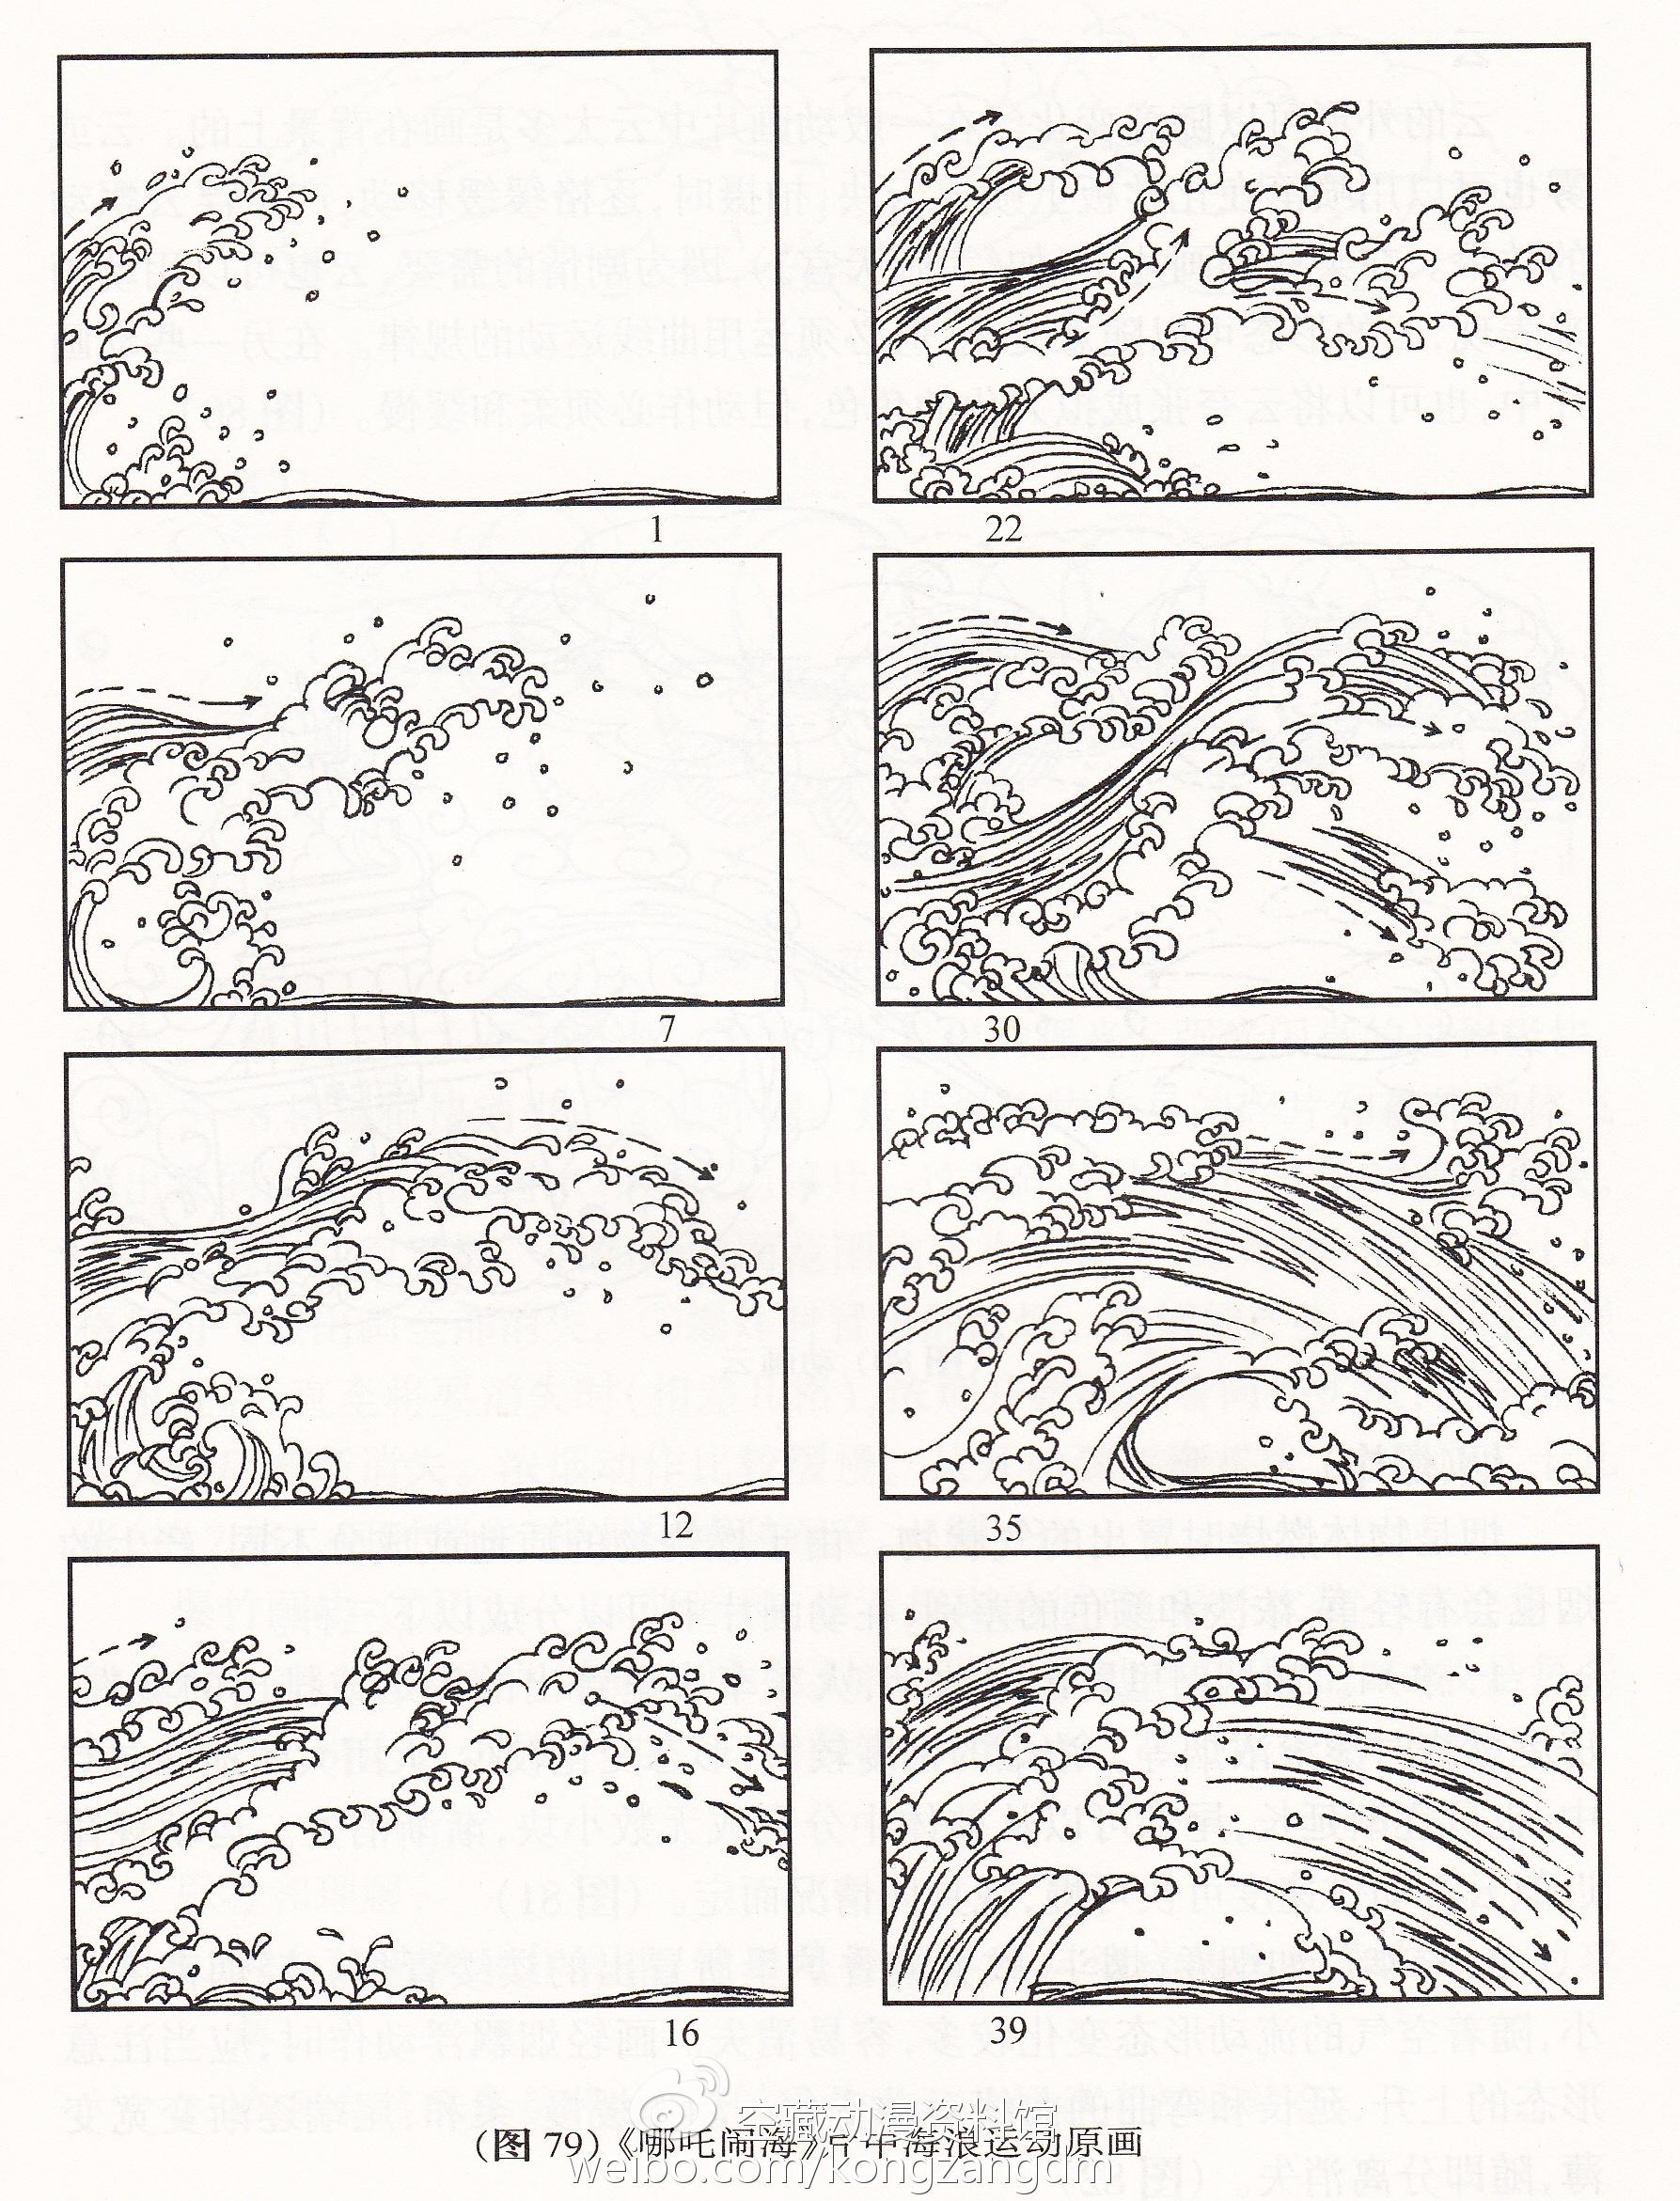 《哪吒闹海》中的海浪运动原画